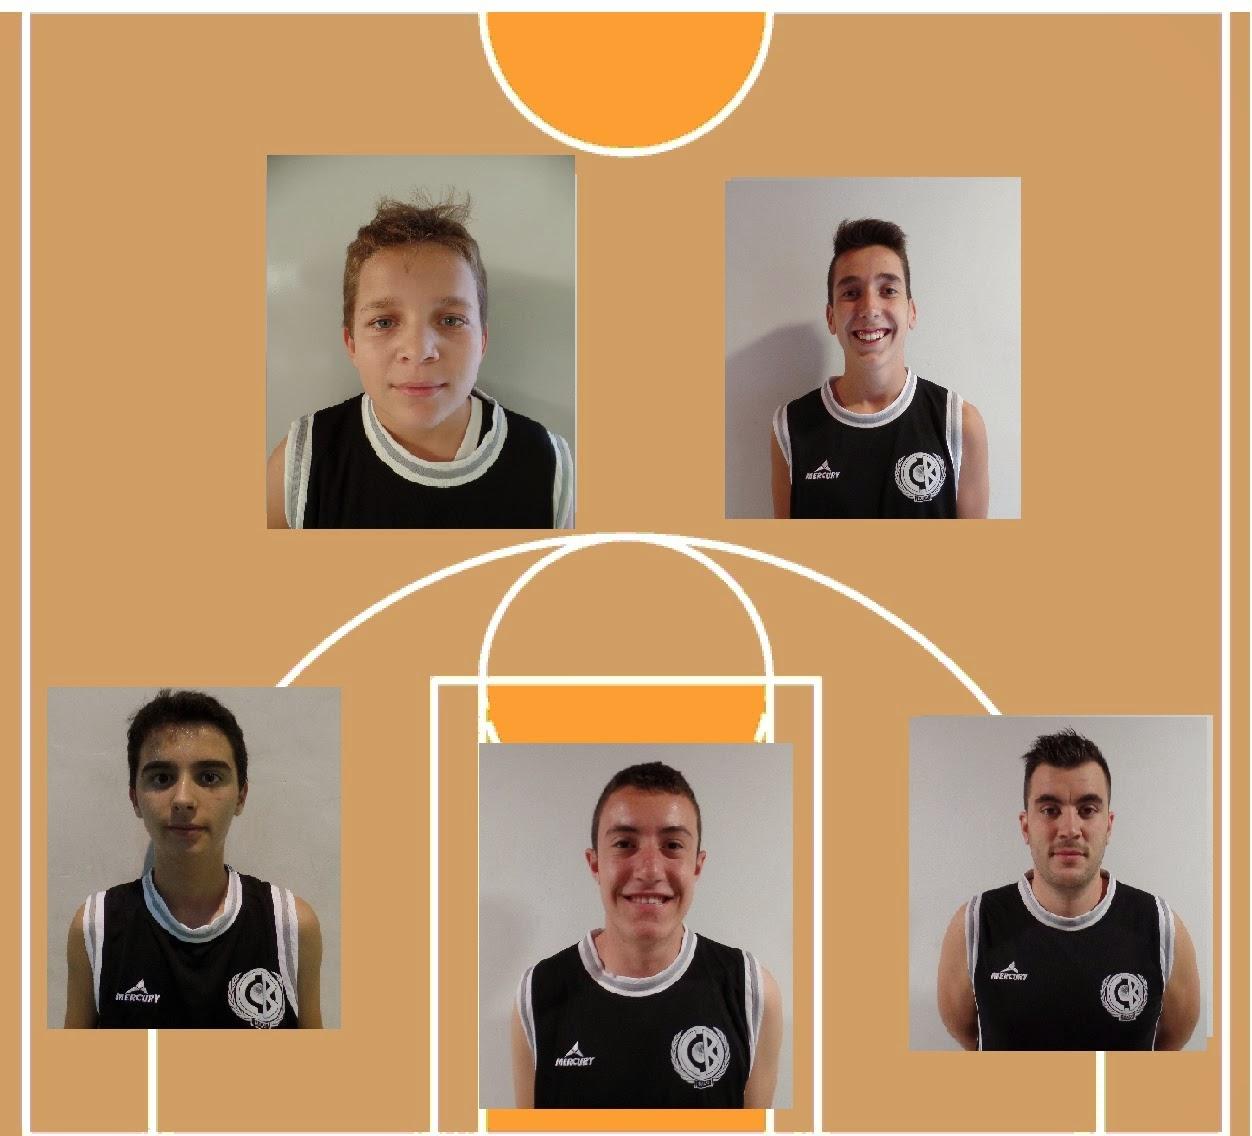 Club Baloncesto Bullas: Resumen de la jornada. Quinteto ideal. Vídeo ...